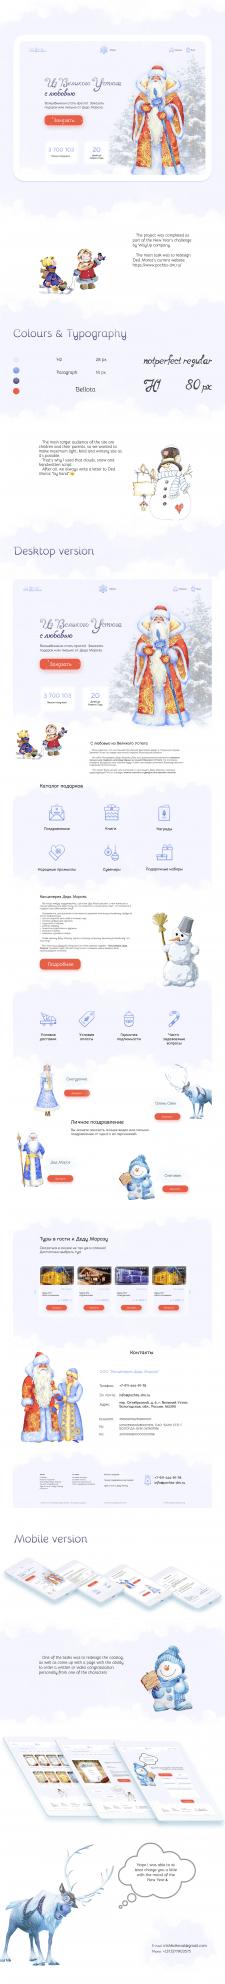 Редизайн сайта для Деда Мороза